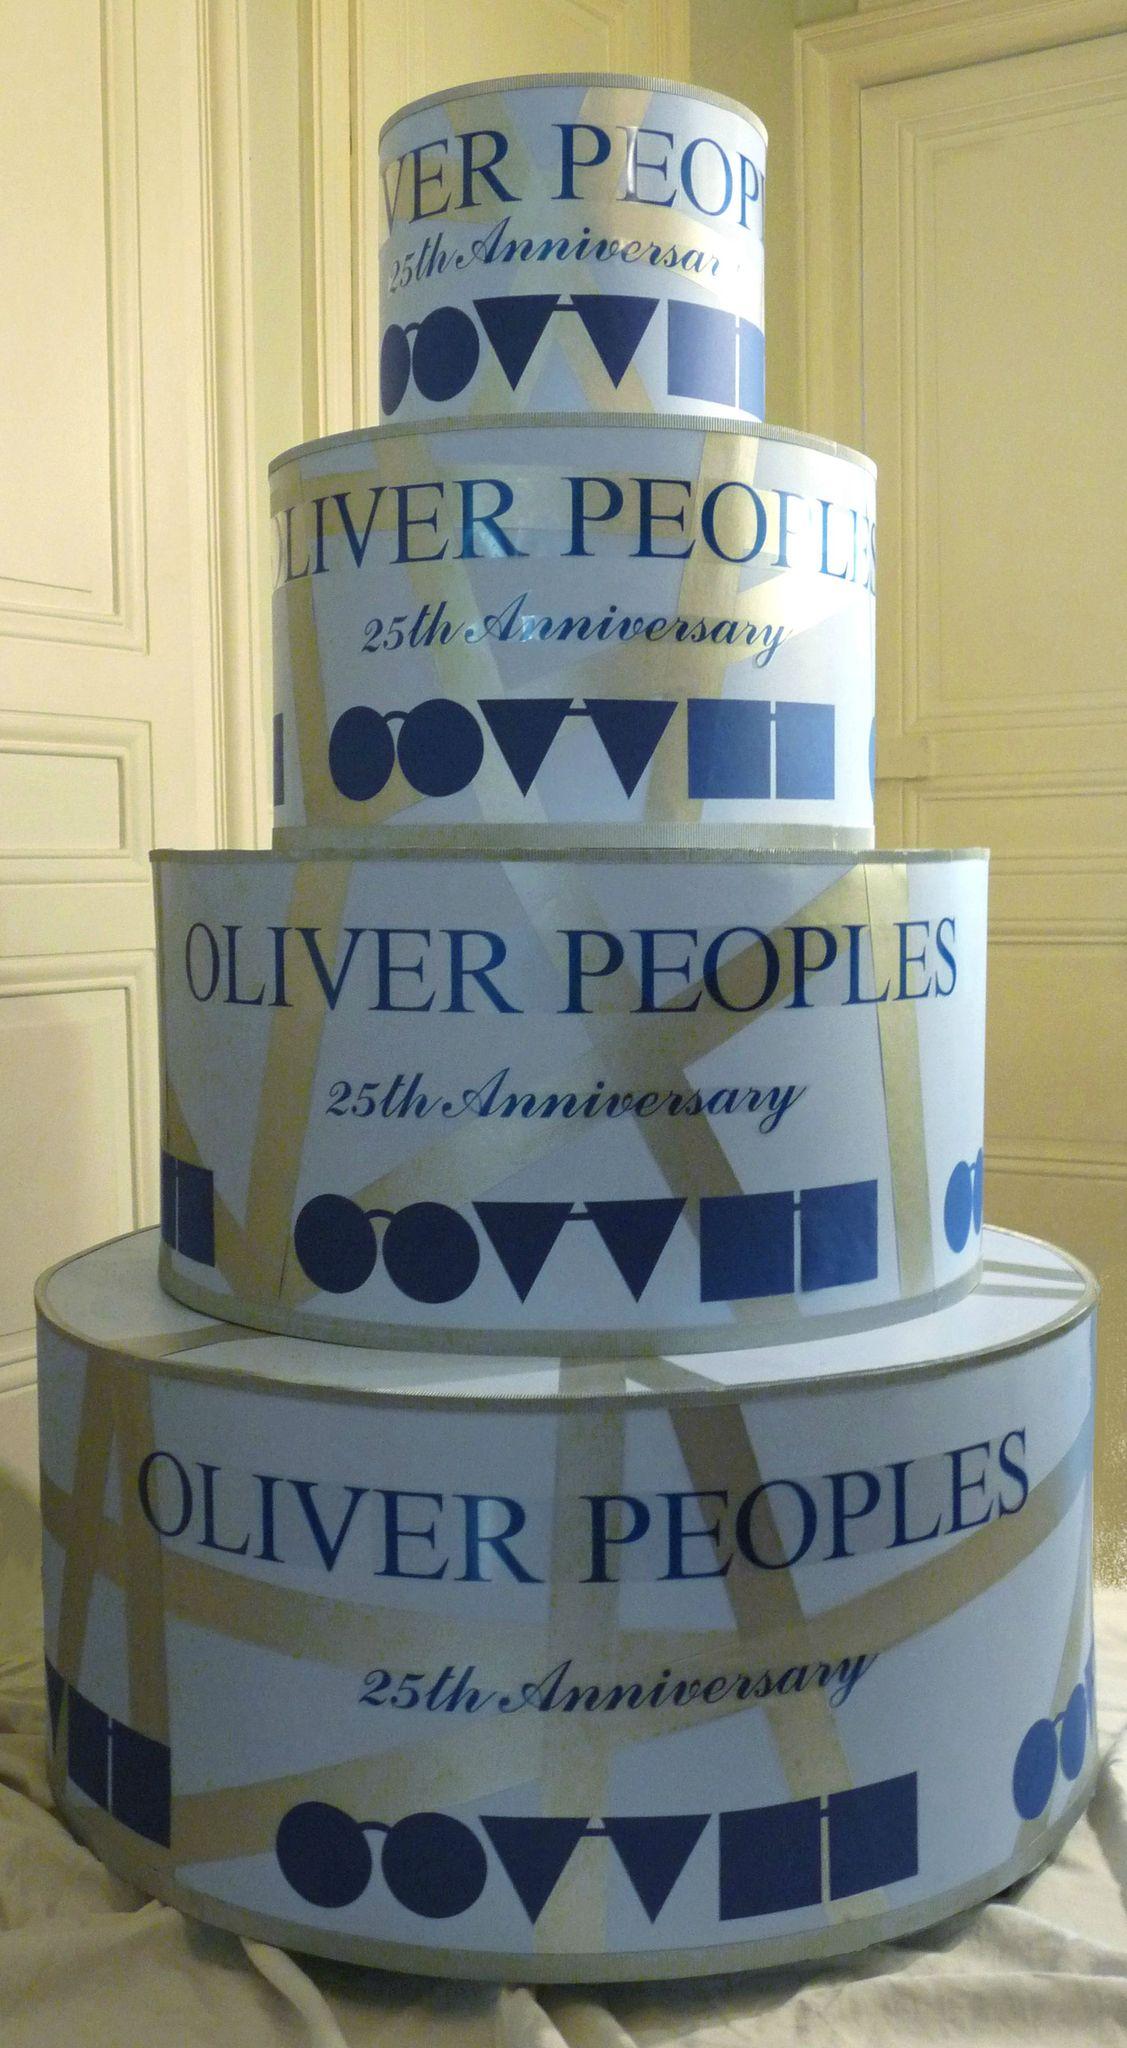 Gâteau en carton géant pour Oliver Peoples, Twotwenty - Photo de ...